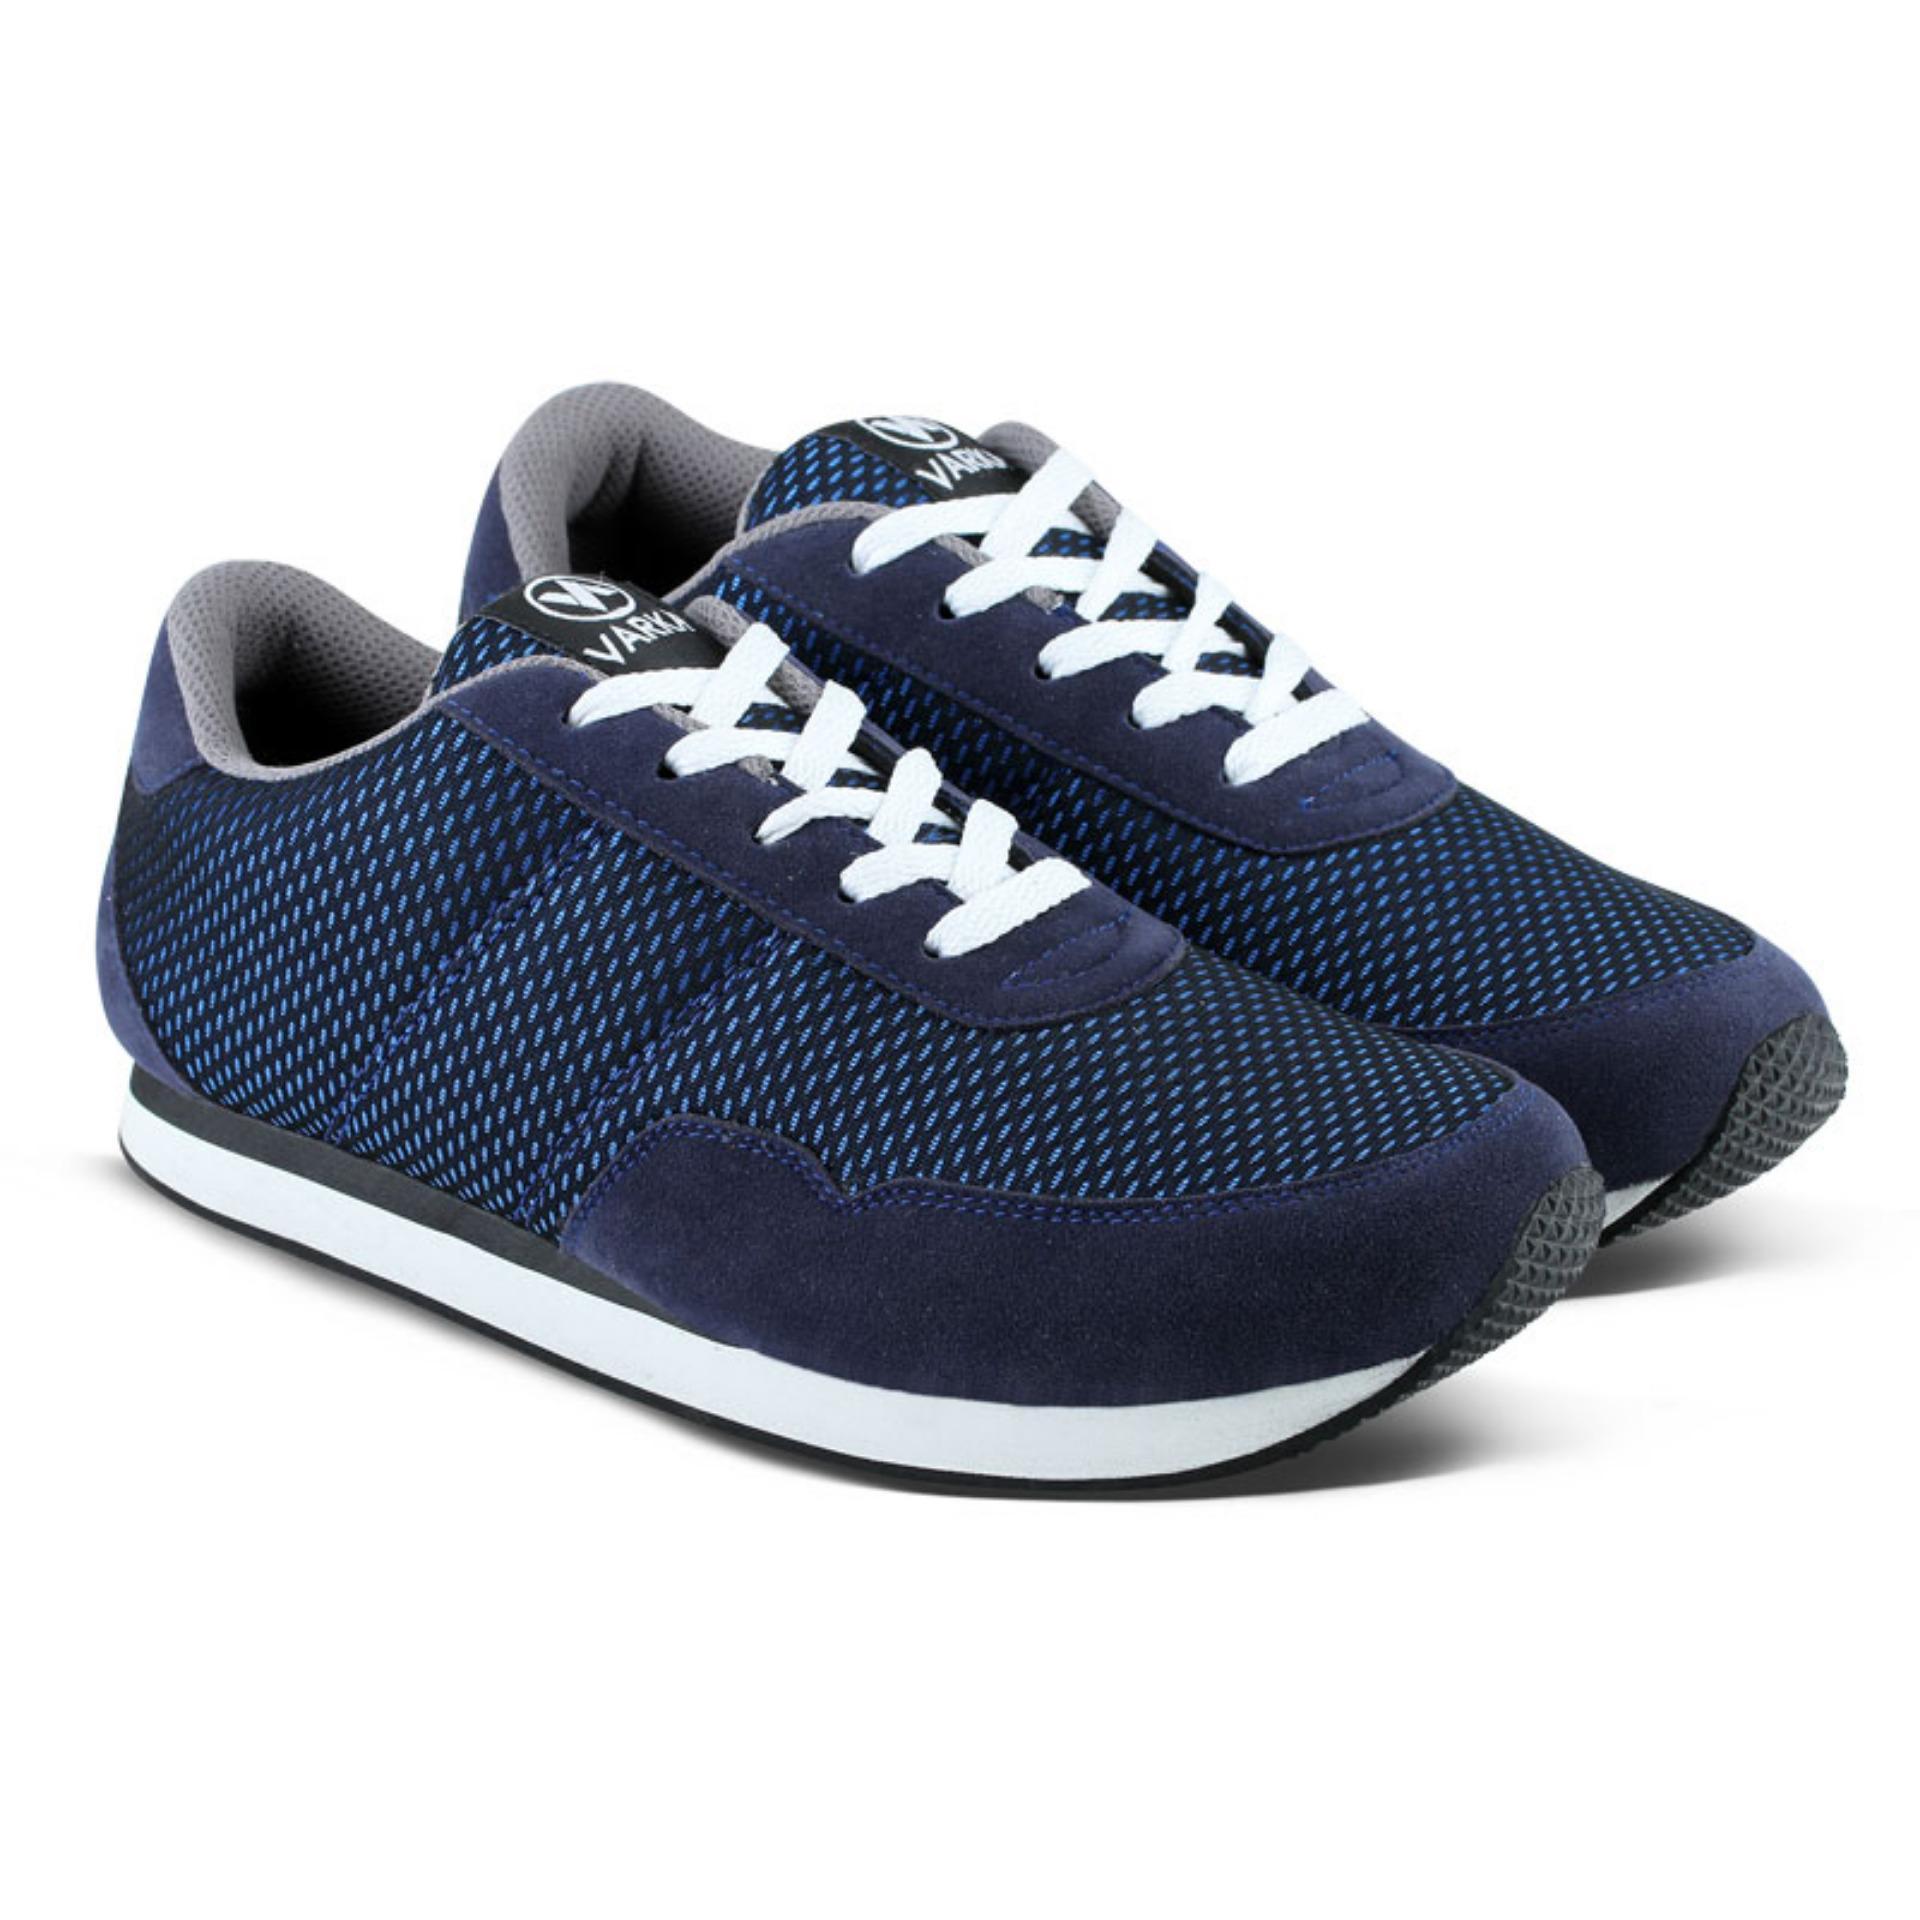 Dapatkan Segera Distro Bandung Vr 090 Sepatu Sneakers Bisa Untuk Olahraga Lari Dan Joging Navy